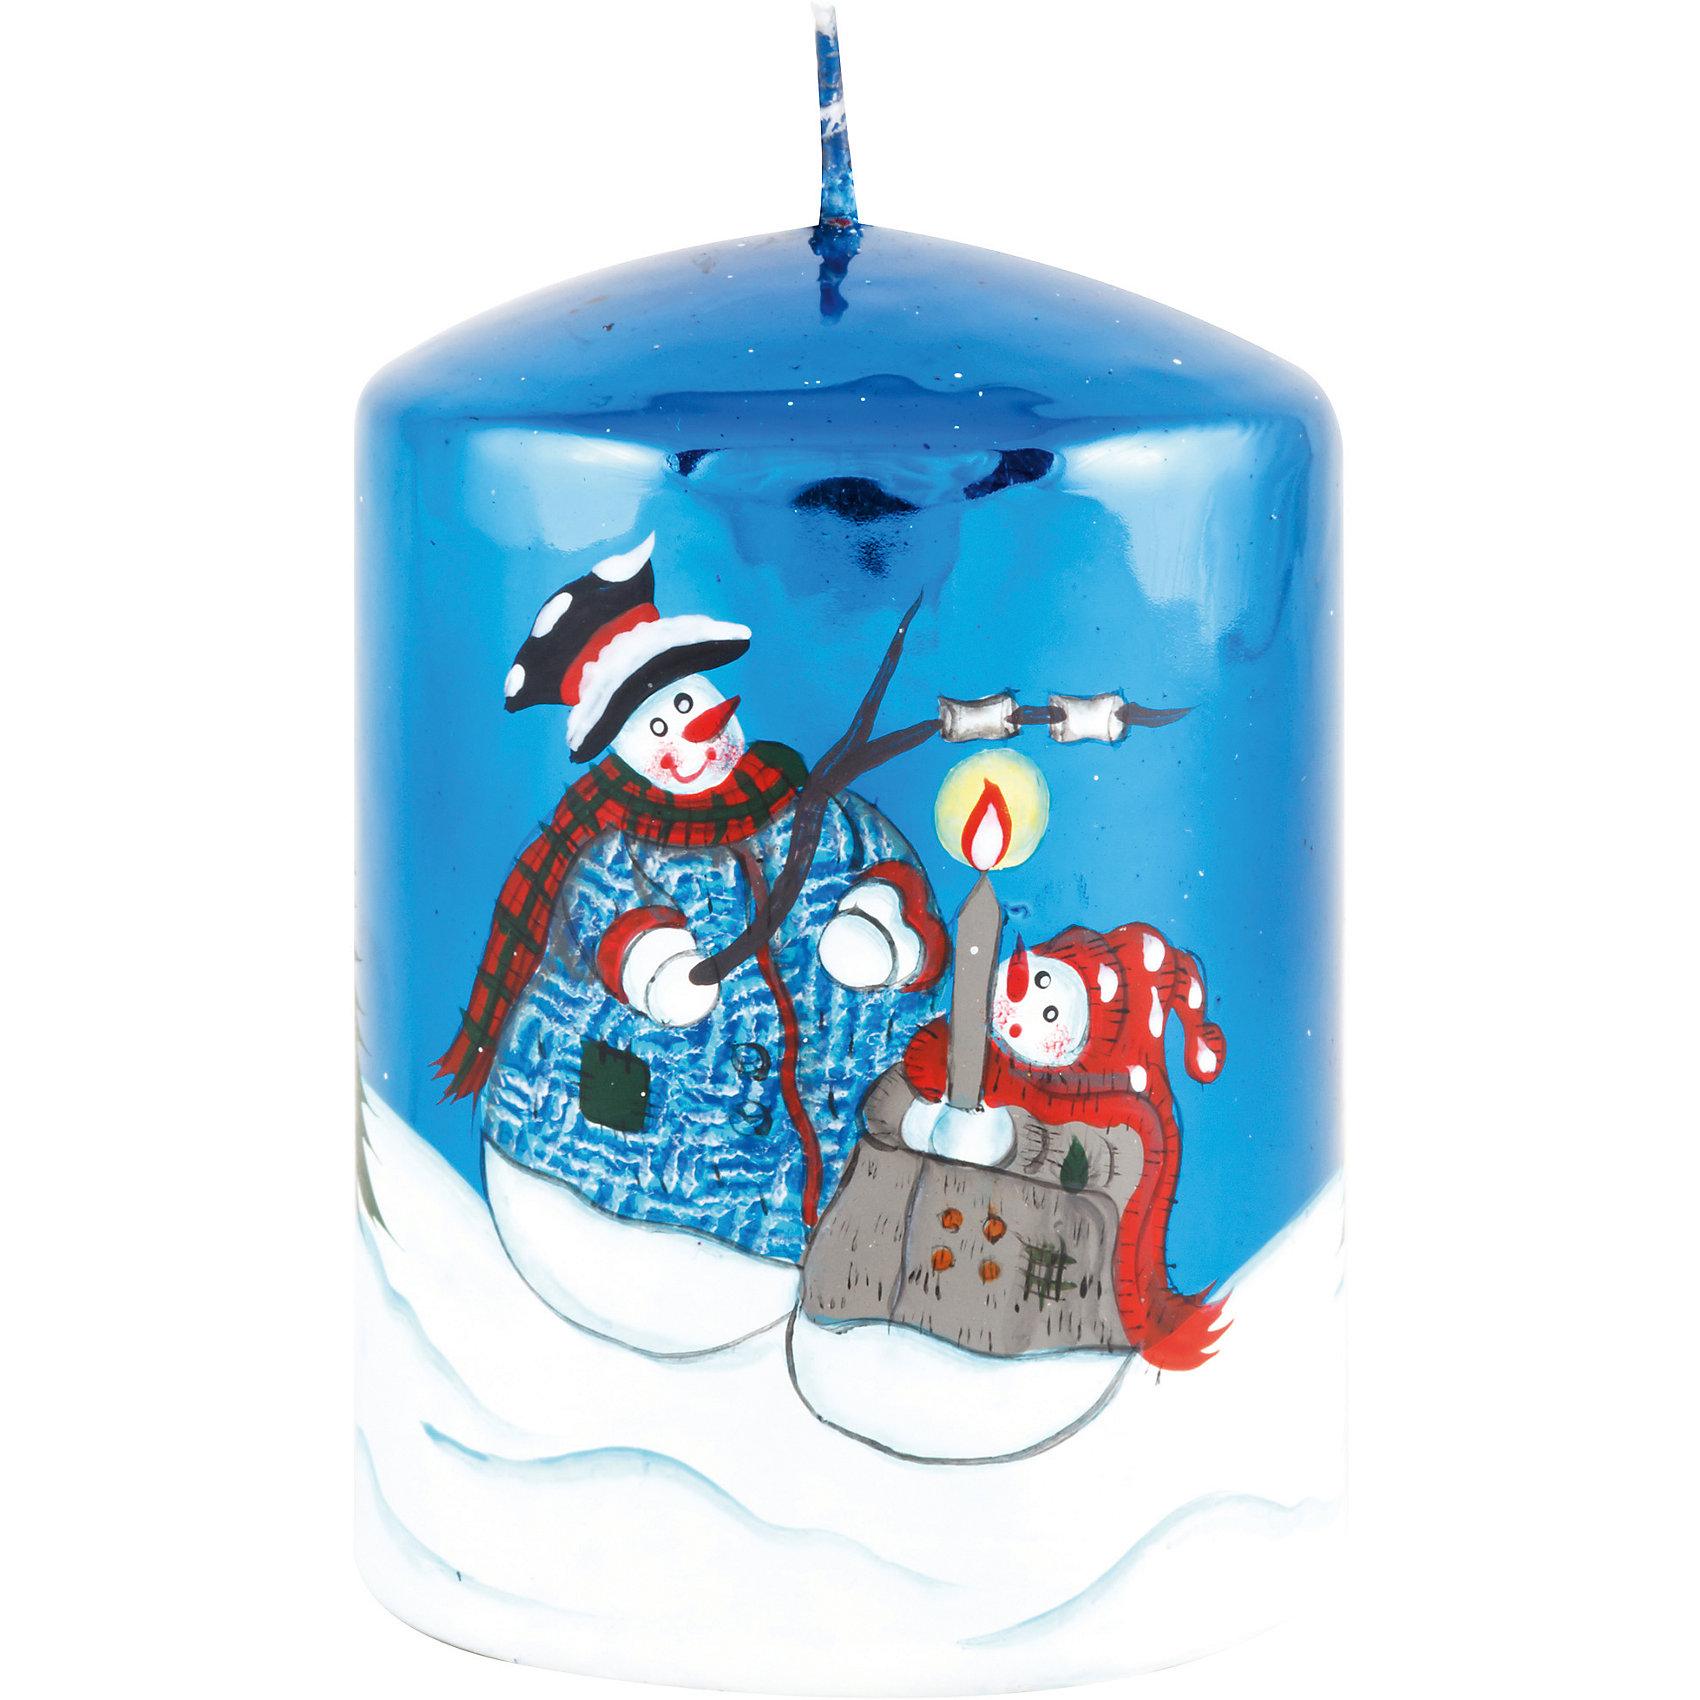 Синяя глянцевая свеча Новый годНовинки Новый Год<br>Глянцевая свеча Новый год, Волшебная страна, станет замечательным украшением Вашего новогоднего интерьера и приятным сувениром для родных и друзей. Свеча ярко-синего цвета имеет блестящее глянцевое покрытие и украшена изображениями забавных снеговиков.<br>Симпатичная свеча с привлекательным дизайном будет создавать атмосферу уюта и волшебных новогодних праздников. <br><br>Дополнительная информация:<br><br>- Цвет: синий.<br>- Материал: парафин.<br>- Размер: 7,3 х 7,3 х 10,2 см.<br>- Вес: 0,39 кг. <br><br>Синюю глянцевую свечу Новый год, Волшебная страна, можно купить в нашем интернет-магазине.<br><br>Ширина мм: 70<br>Глубина мм: 70<br>Высота мм: 110<br>Вес г: 390<br>Возраст от месяцев: 36<br>Возраст до месяцев: 2147483647<br>Пол: Унисекс<br>Возраст: Детский<br>SKU: 4288623